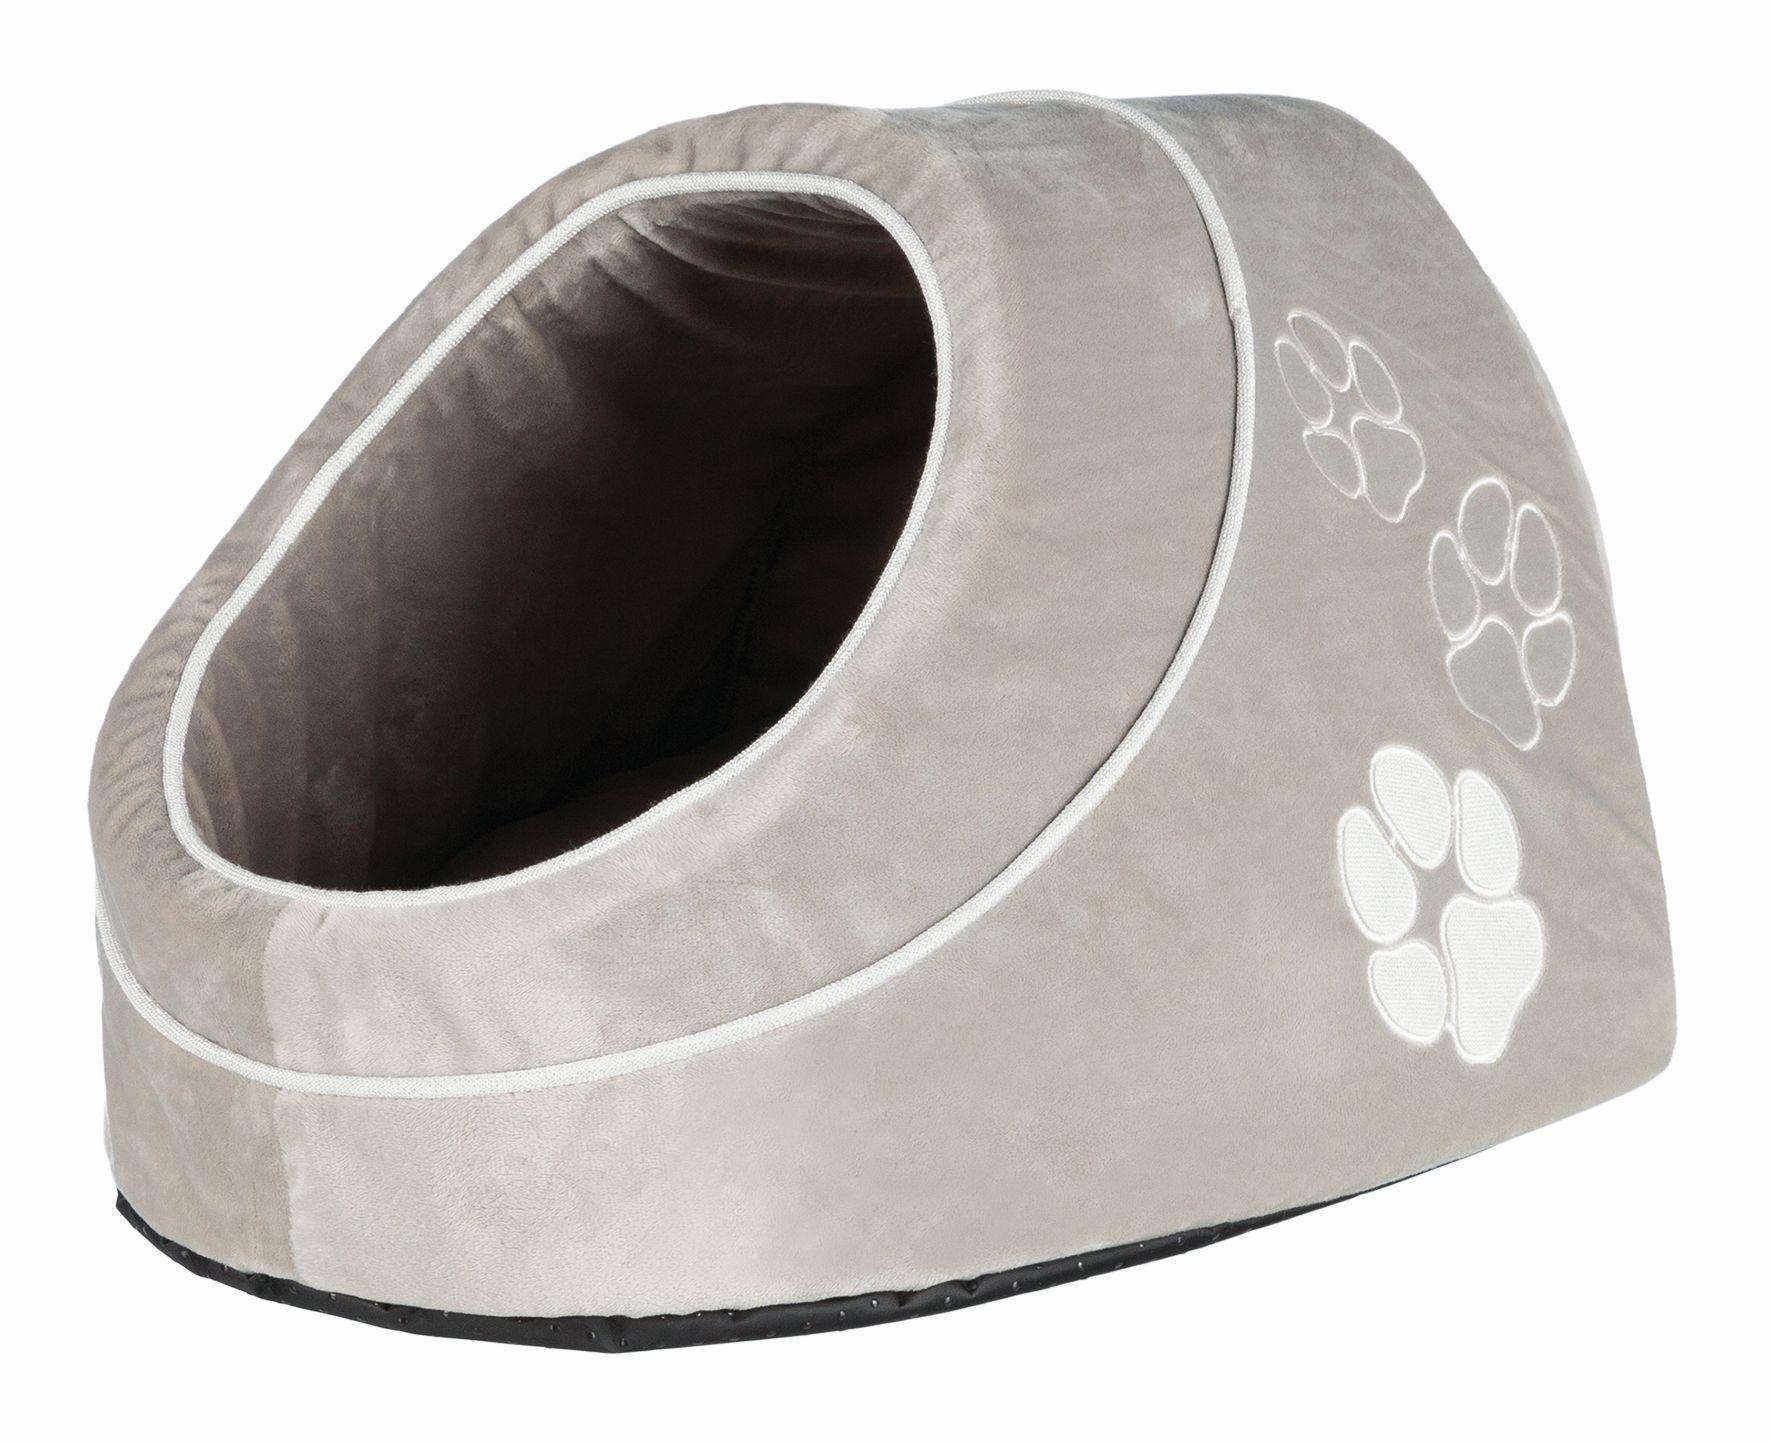 Домик для кошек и собак TRIXIE Nica, серый, белый, 41x26x35см